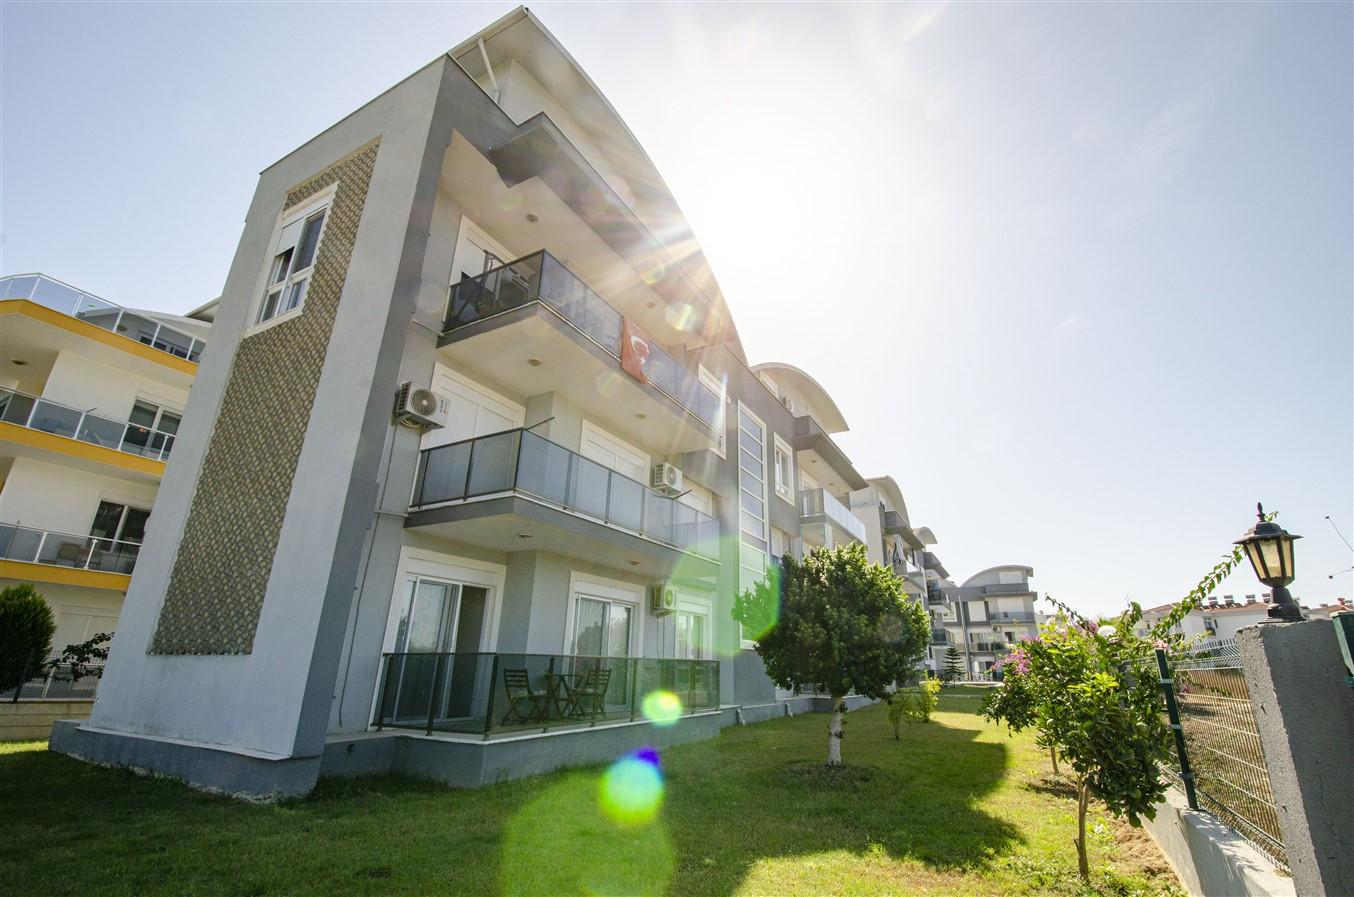 Квартира 2+1 в новом доме в центре Белека Анталия - Фото 20